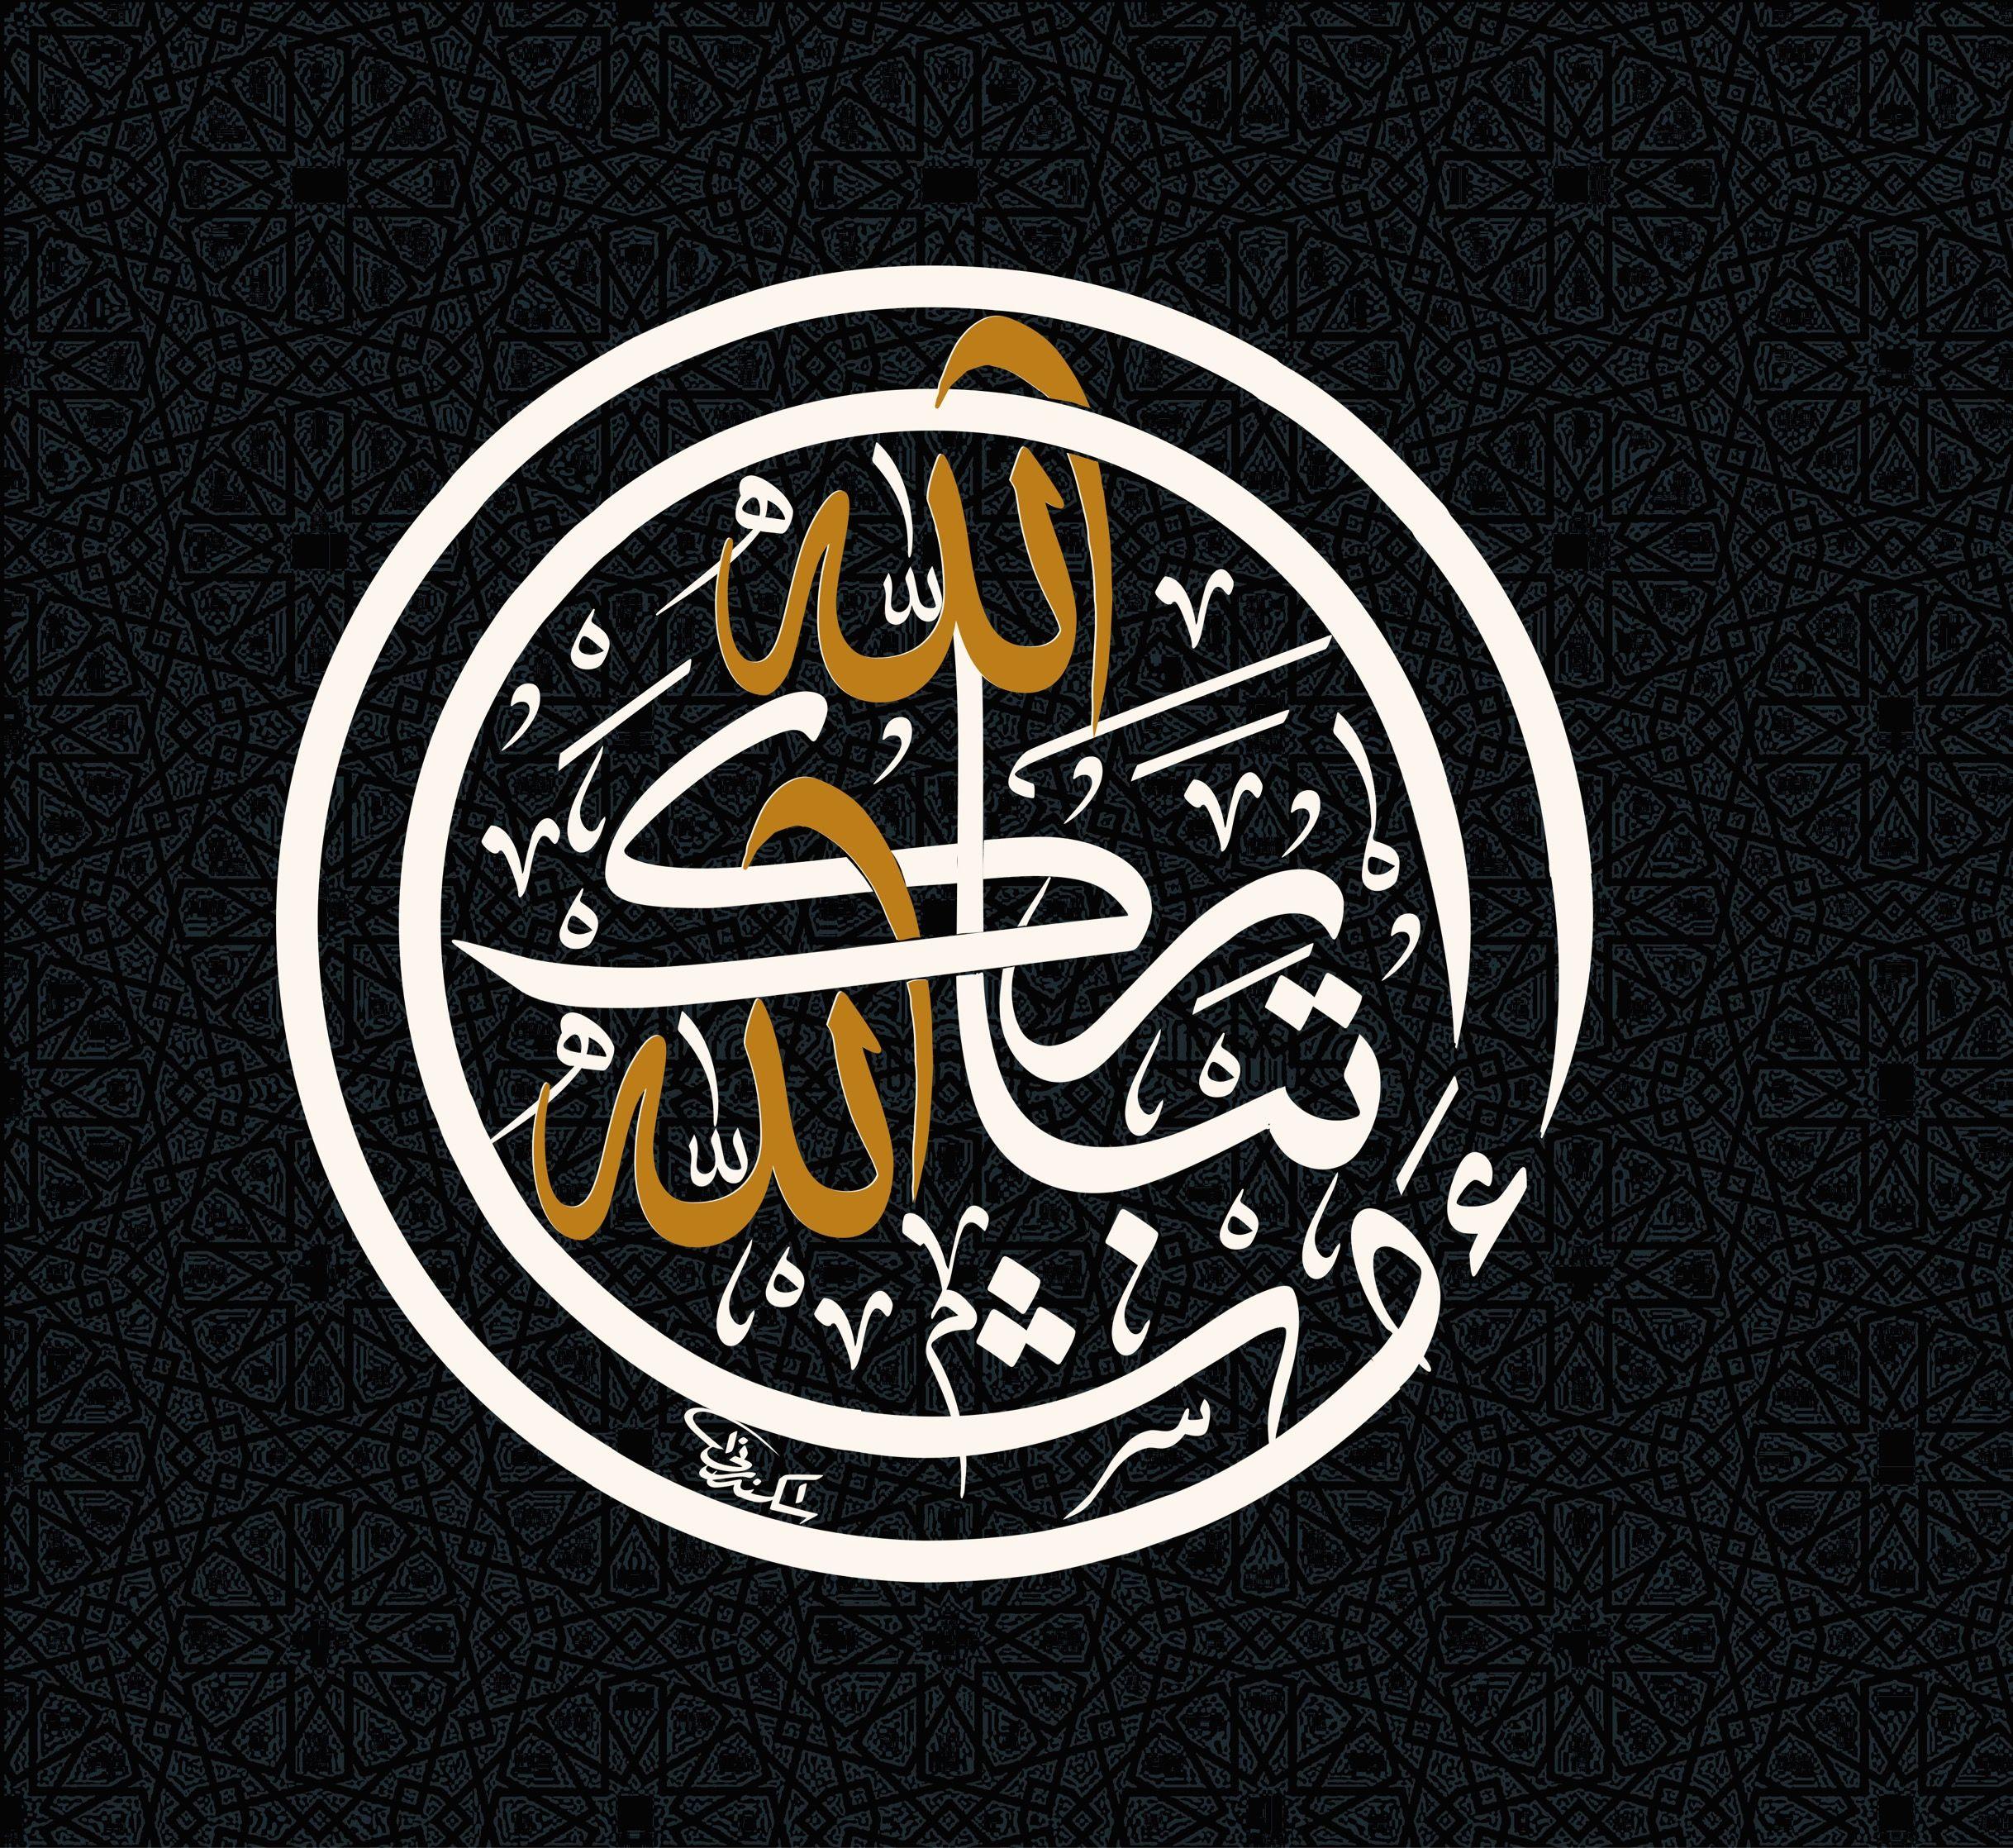 ماشاء الله تبارك الله بخط الثلث مشقه الخطاط احمد اسكندراني Islamic Calligraphy Calligraphy Name Islamic Art